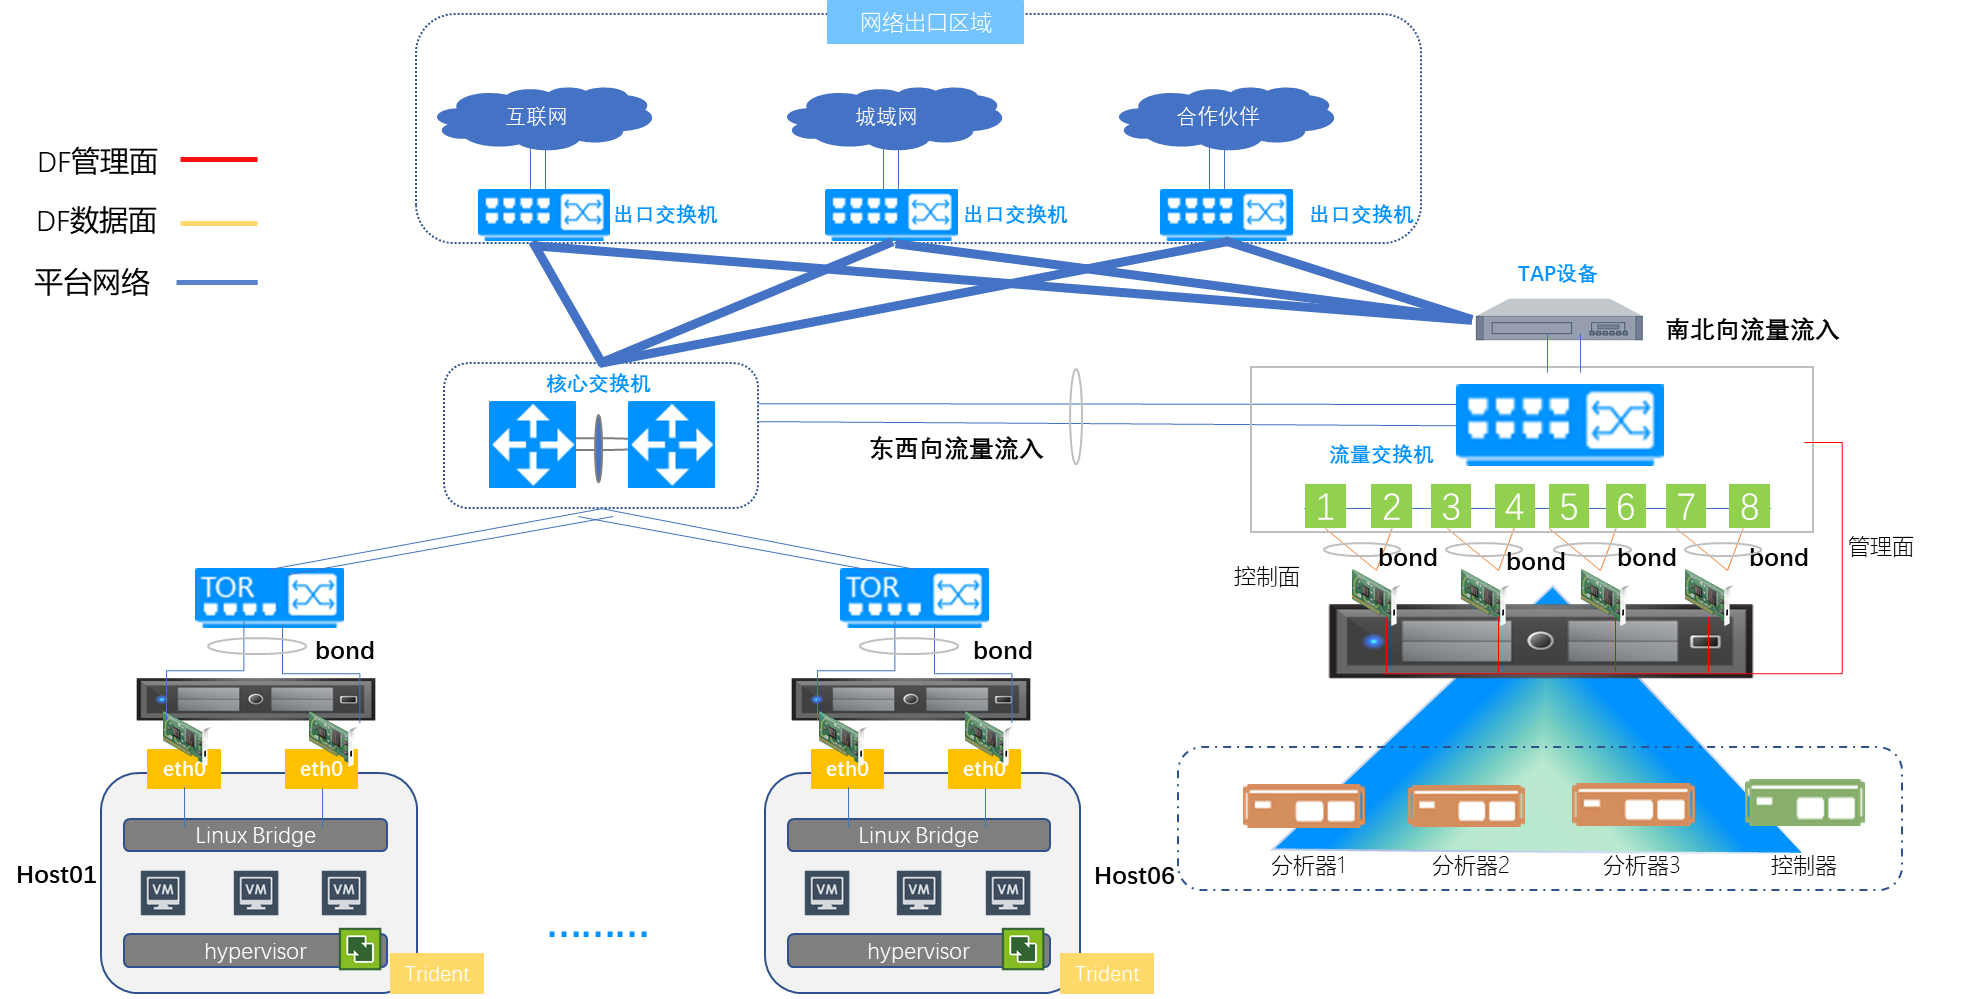 招商金科云网安全监控运维实施方案示意图